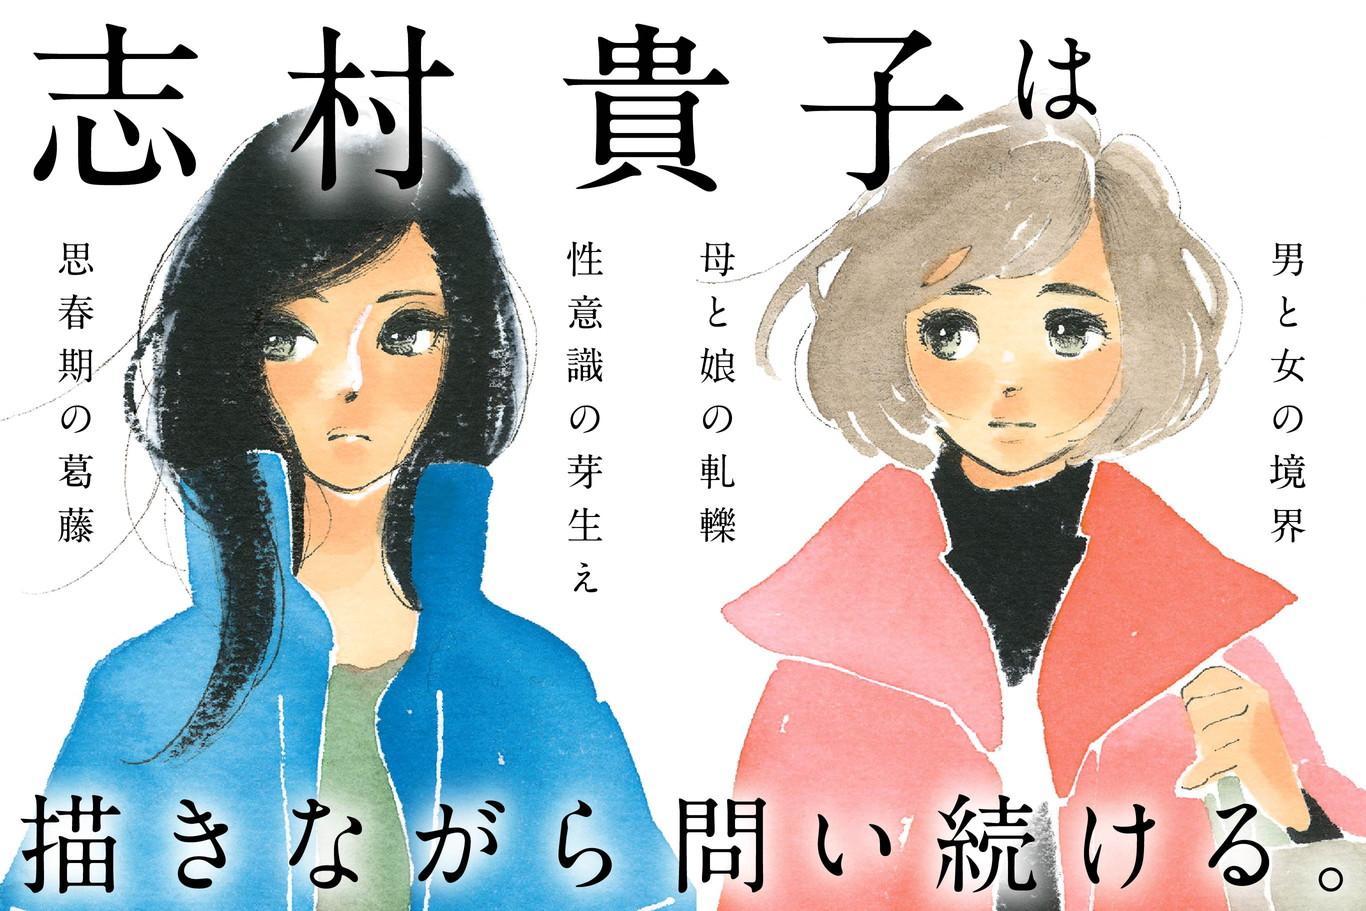 「誰ともうまくやれない」生きづらさも物語に変えて——志村貴子、魔法のペン先